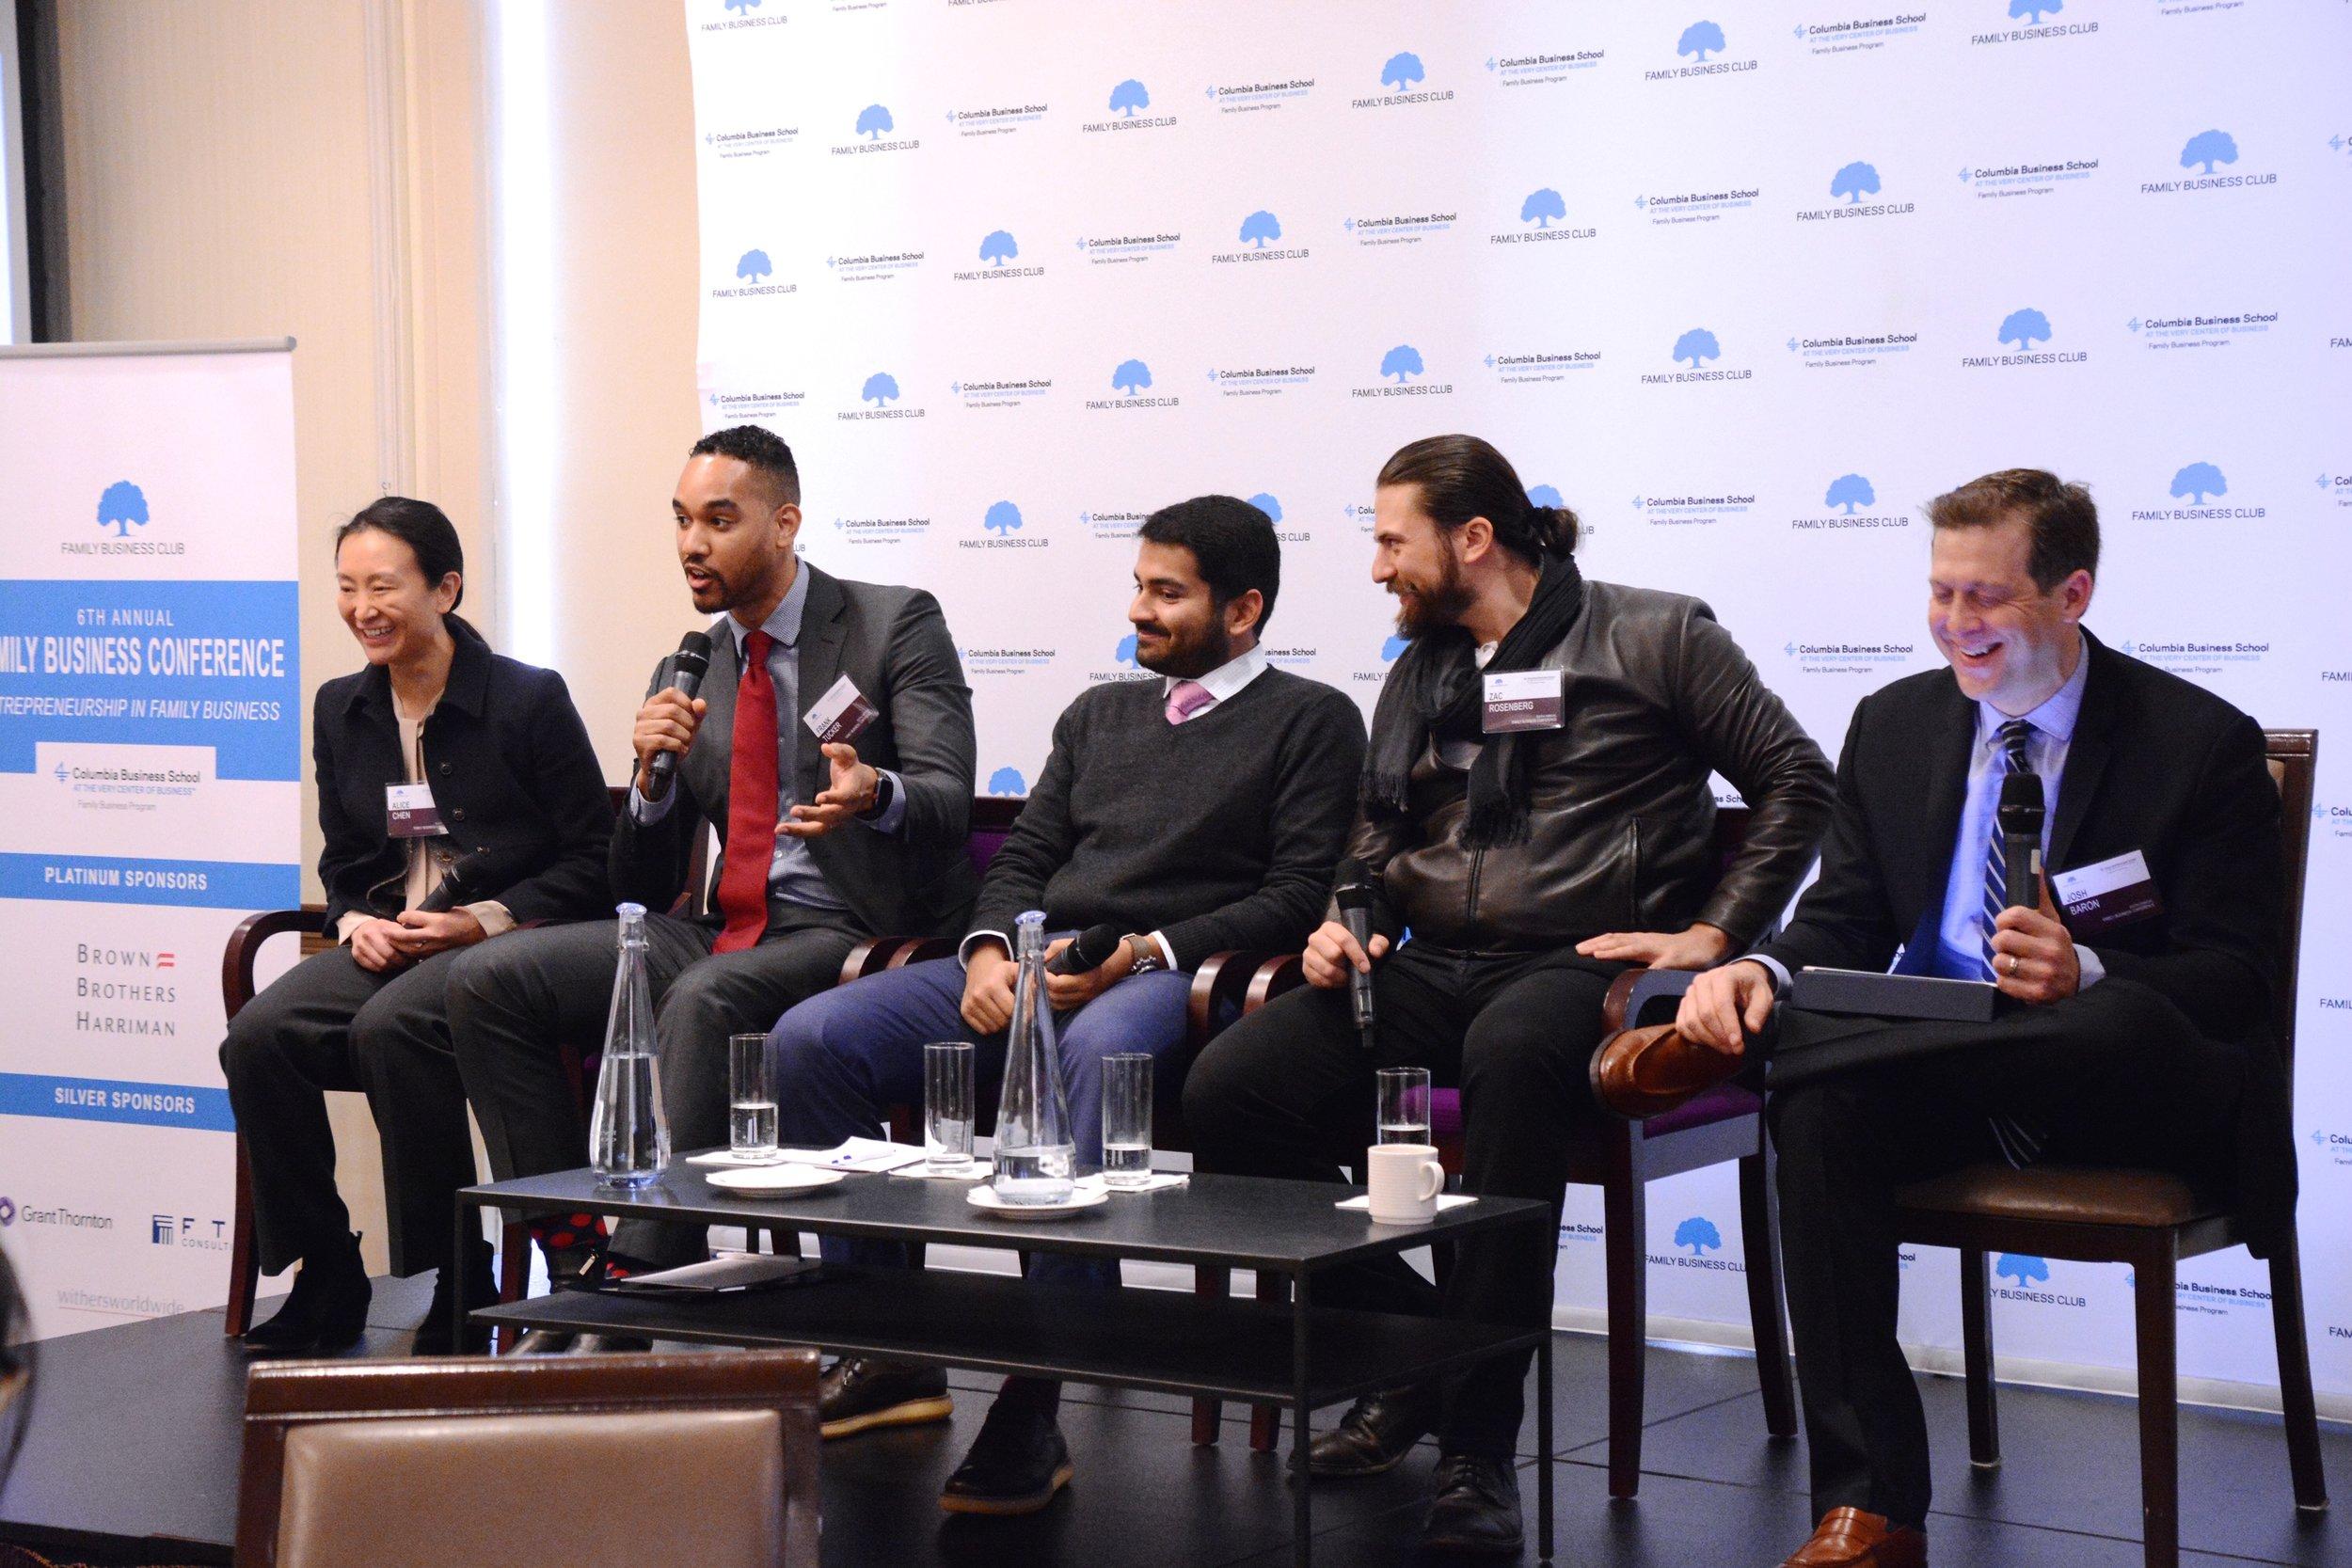 Entrepren. In Family Business Panel